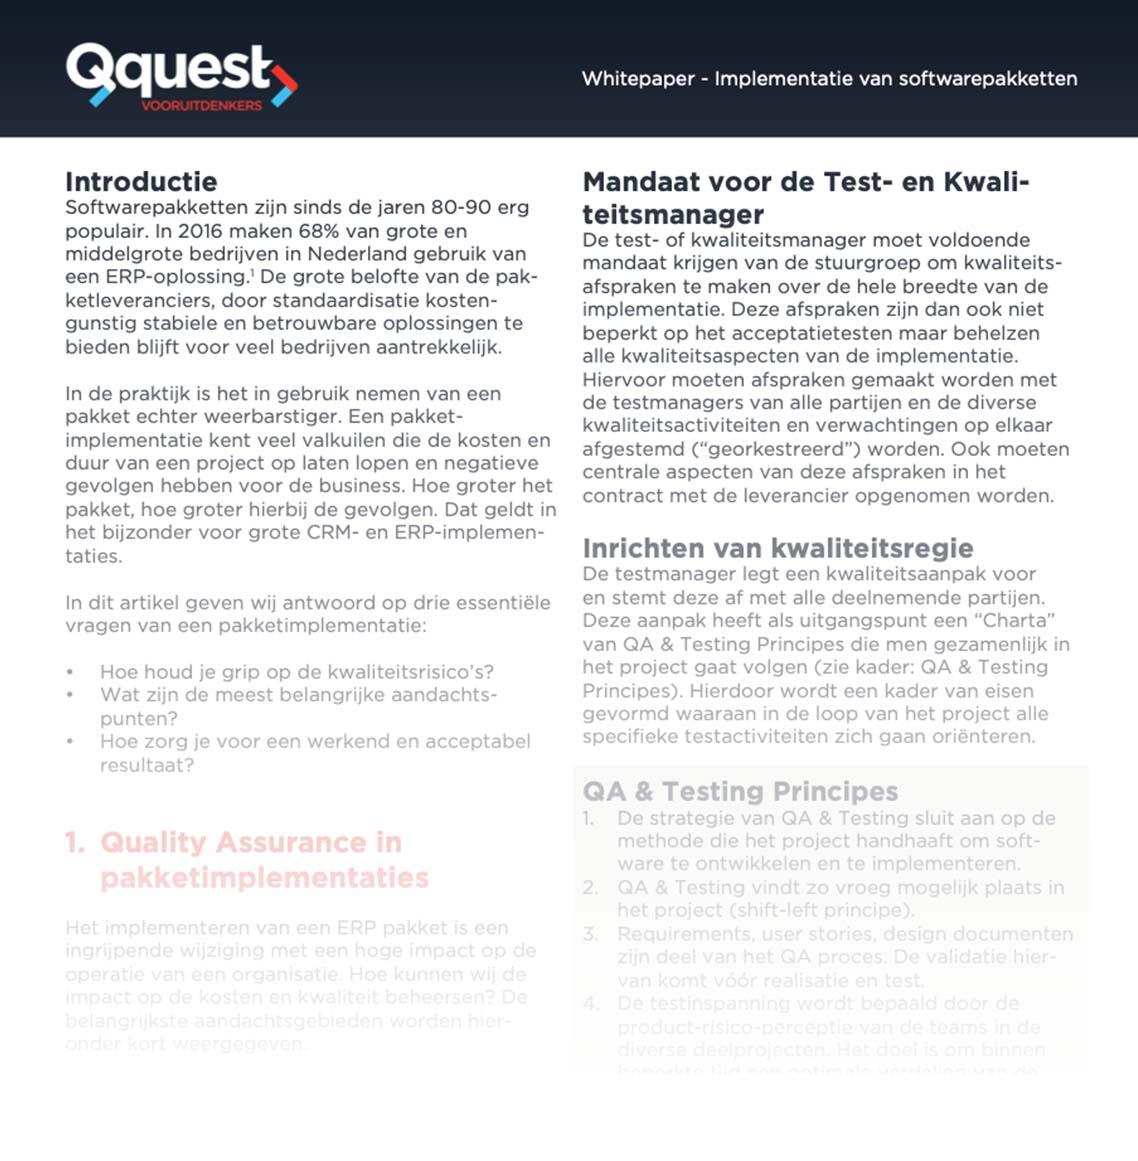 Whitepaper-implementatie-van-softwarepakketten